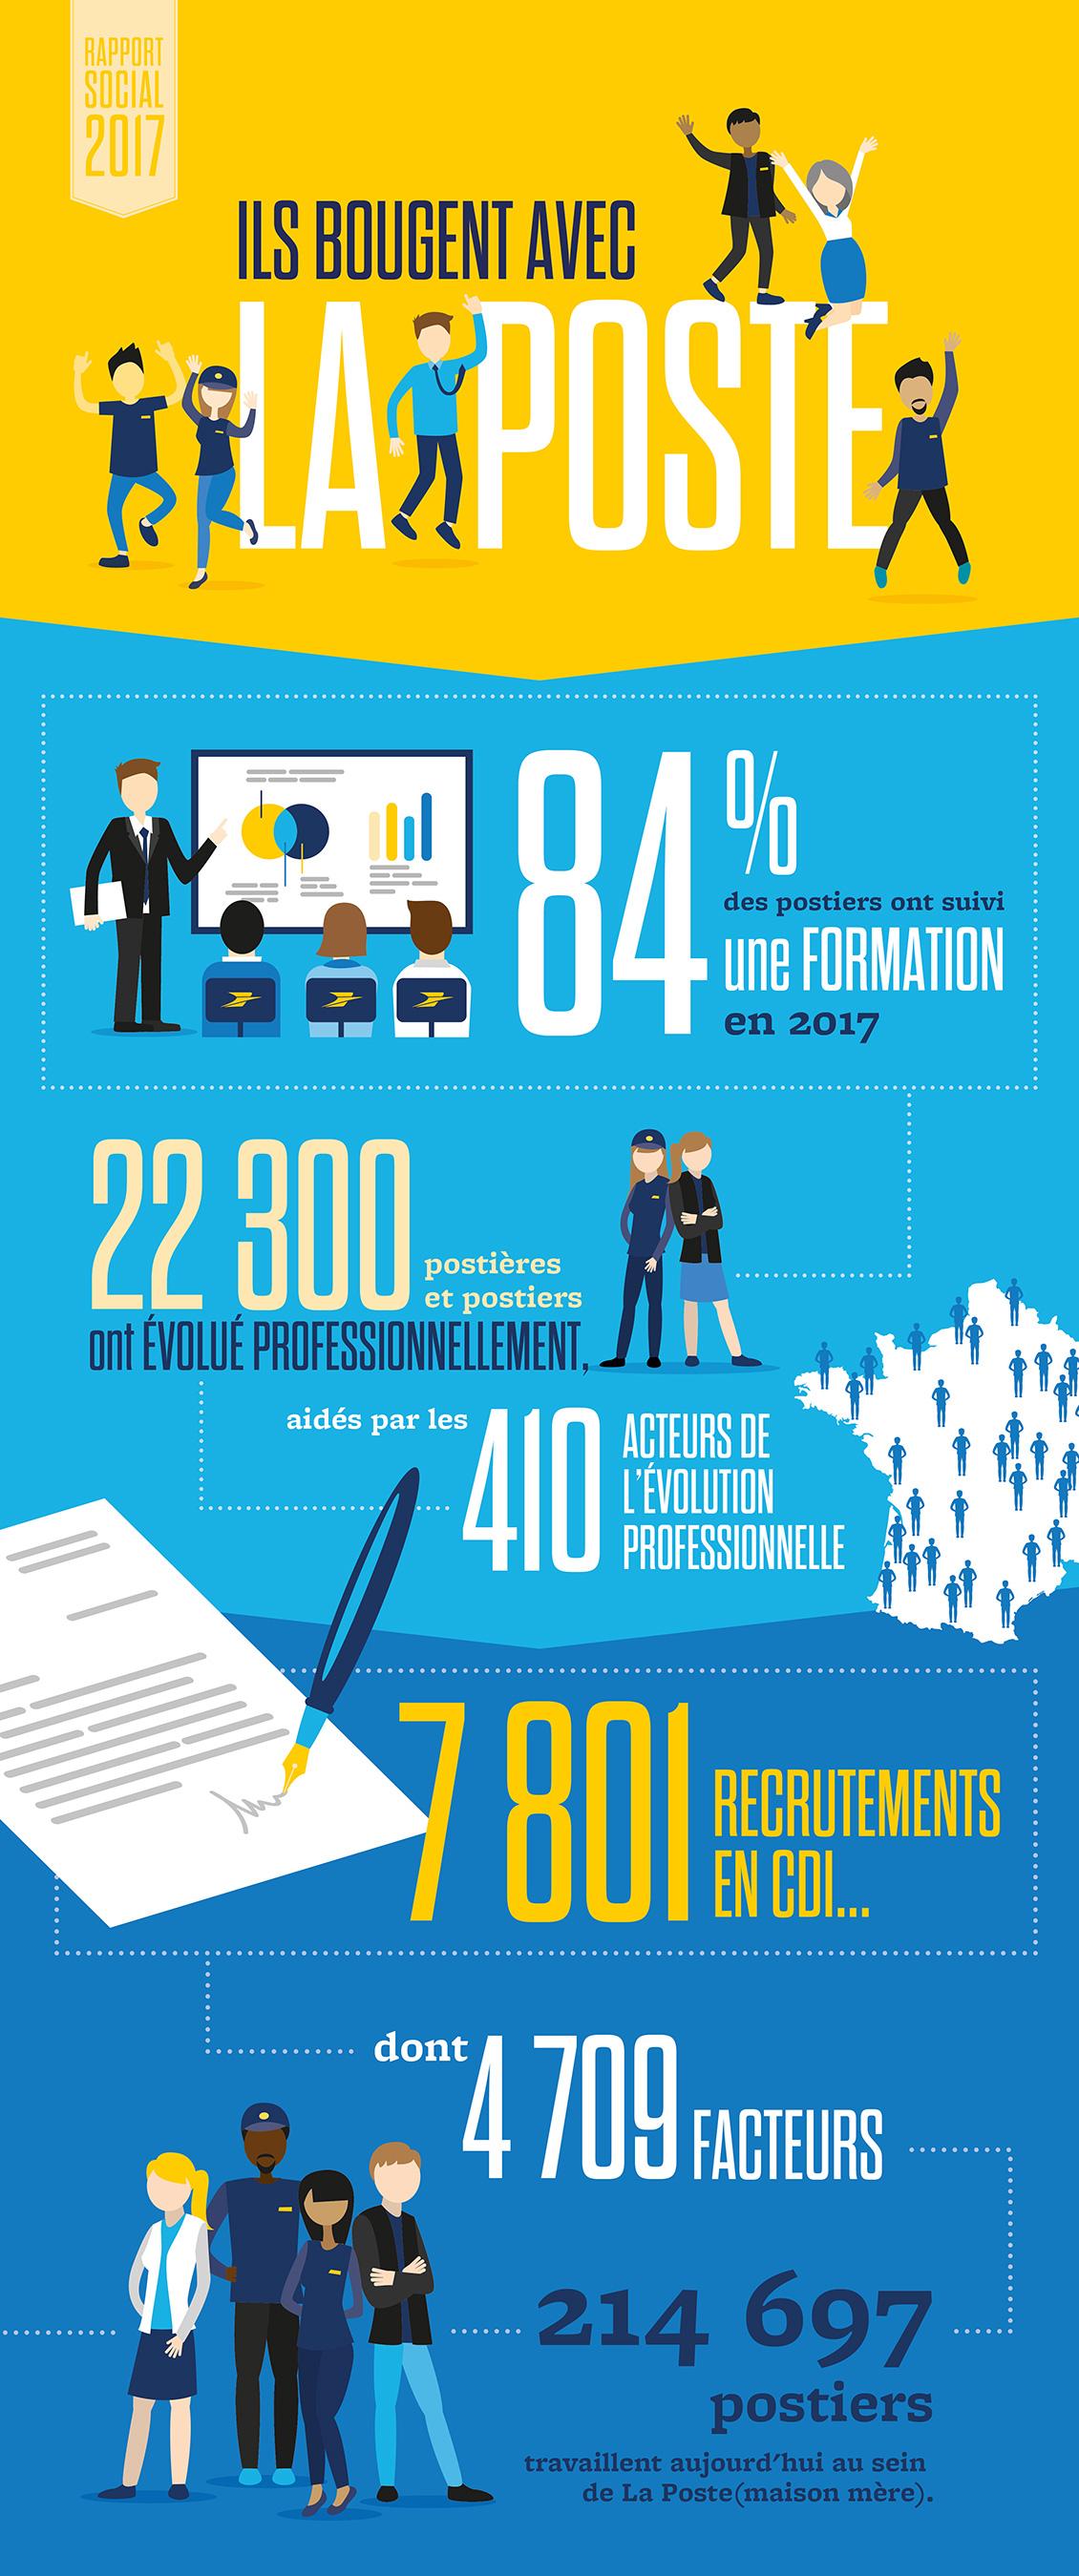 Une infographie avec les principaux chiffres des recrutements, formations et promotions effectués à La Poste en 2017